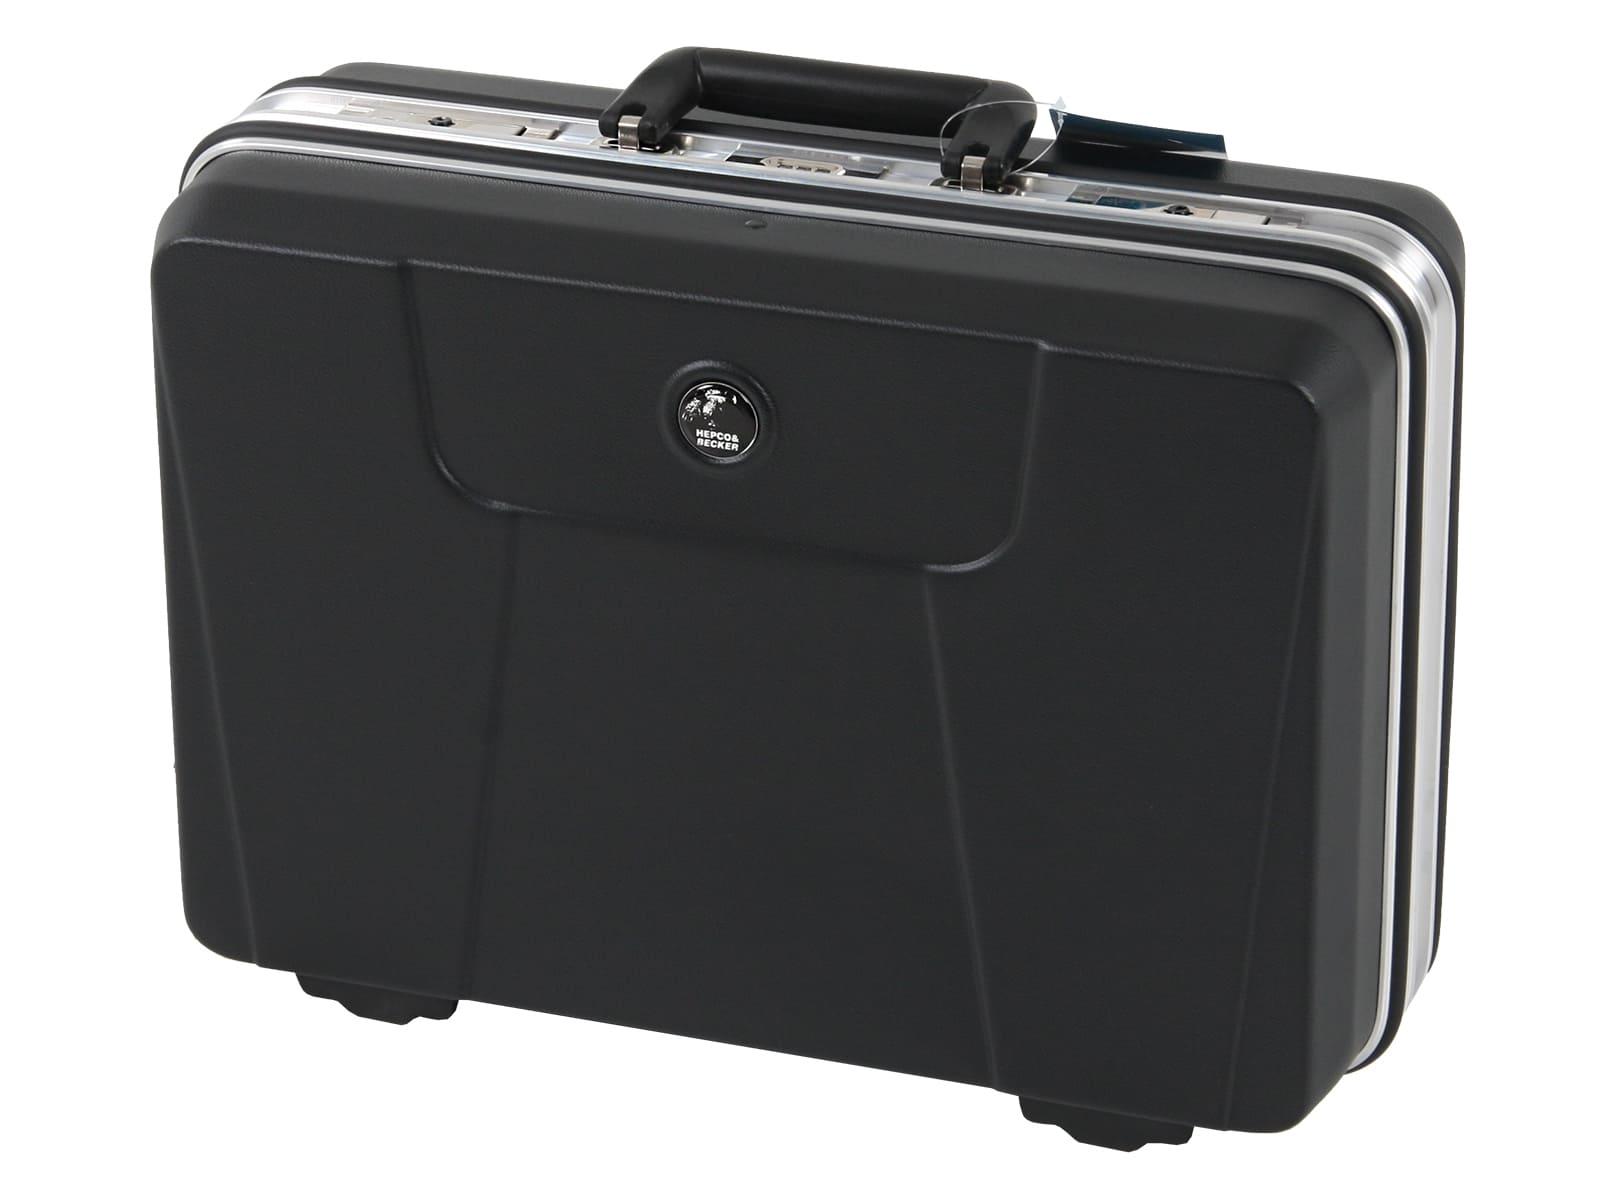 Werkzeugkoffer Budget 25 ltr. 5012 Leerkoffer